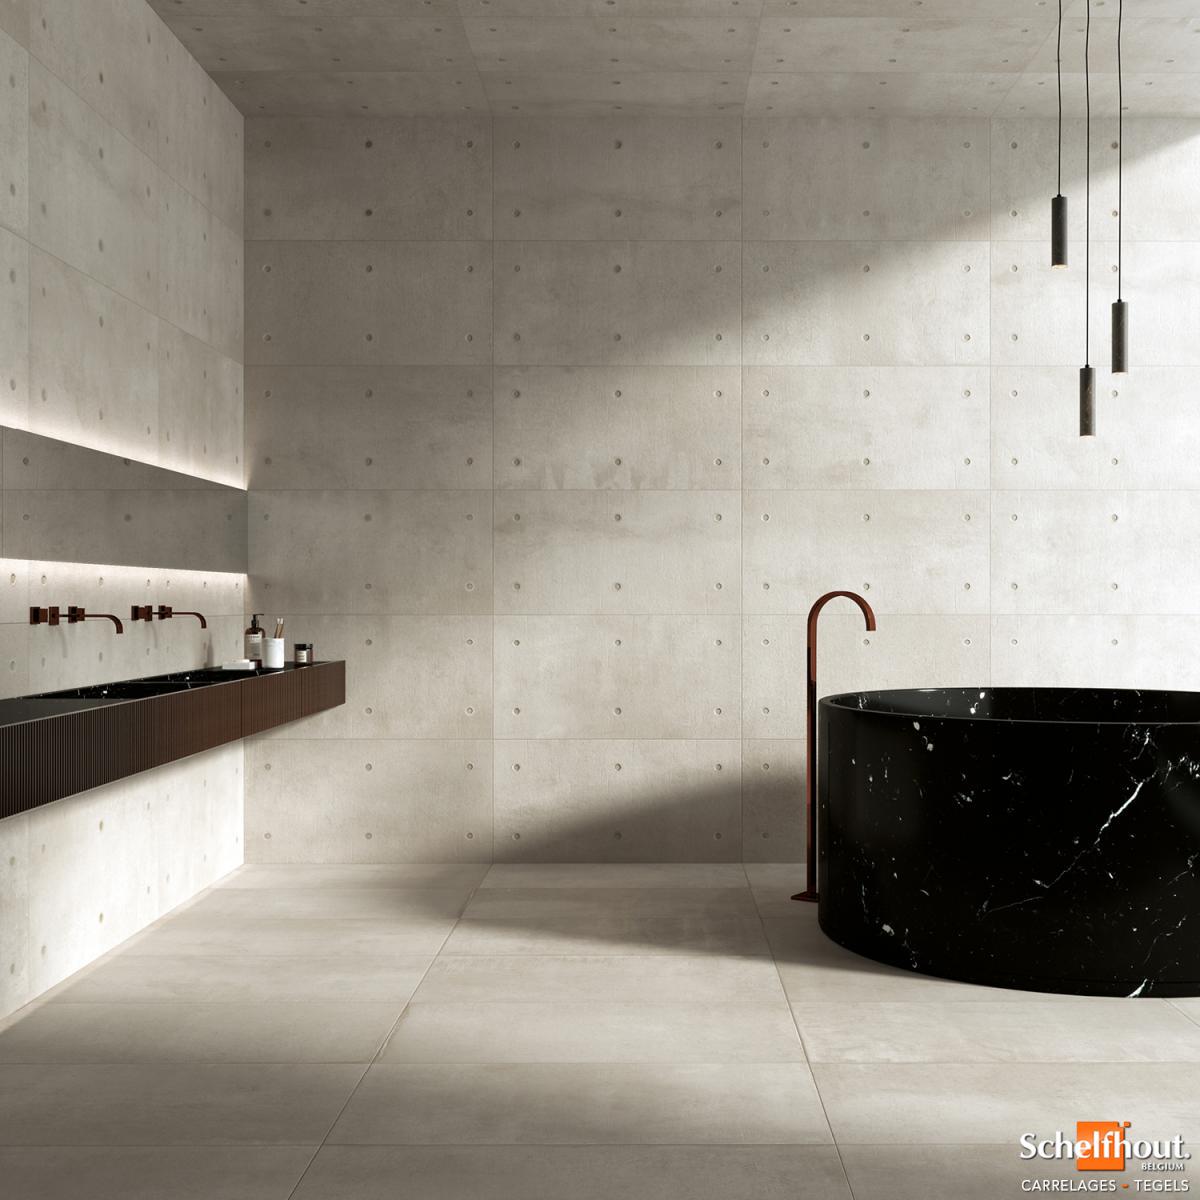 Carrelage Effet Beton Cuisine schelfhout - carrelages sol et mur intérieur – effet béton